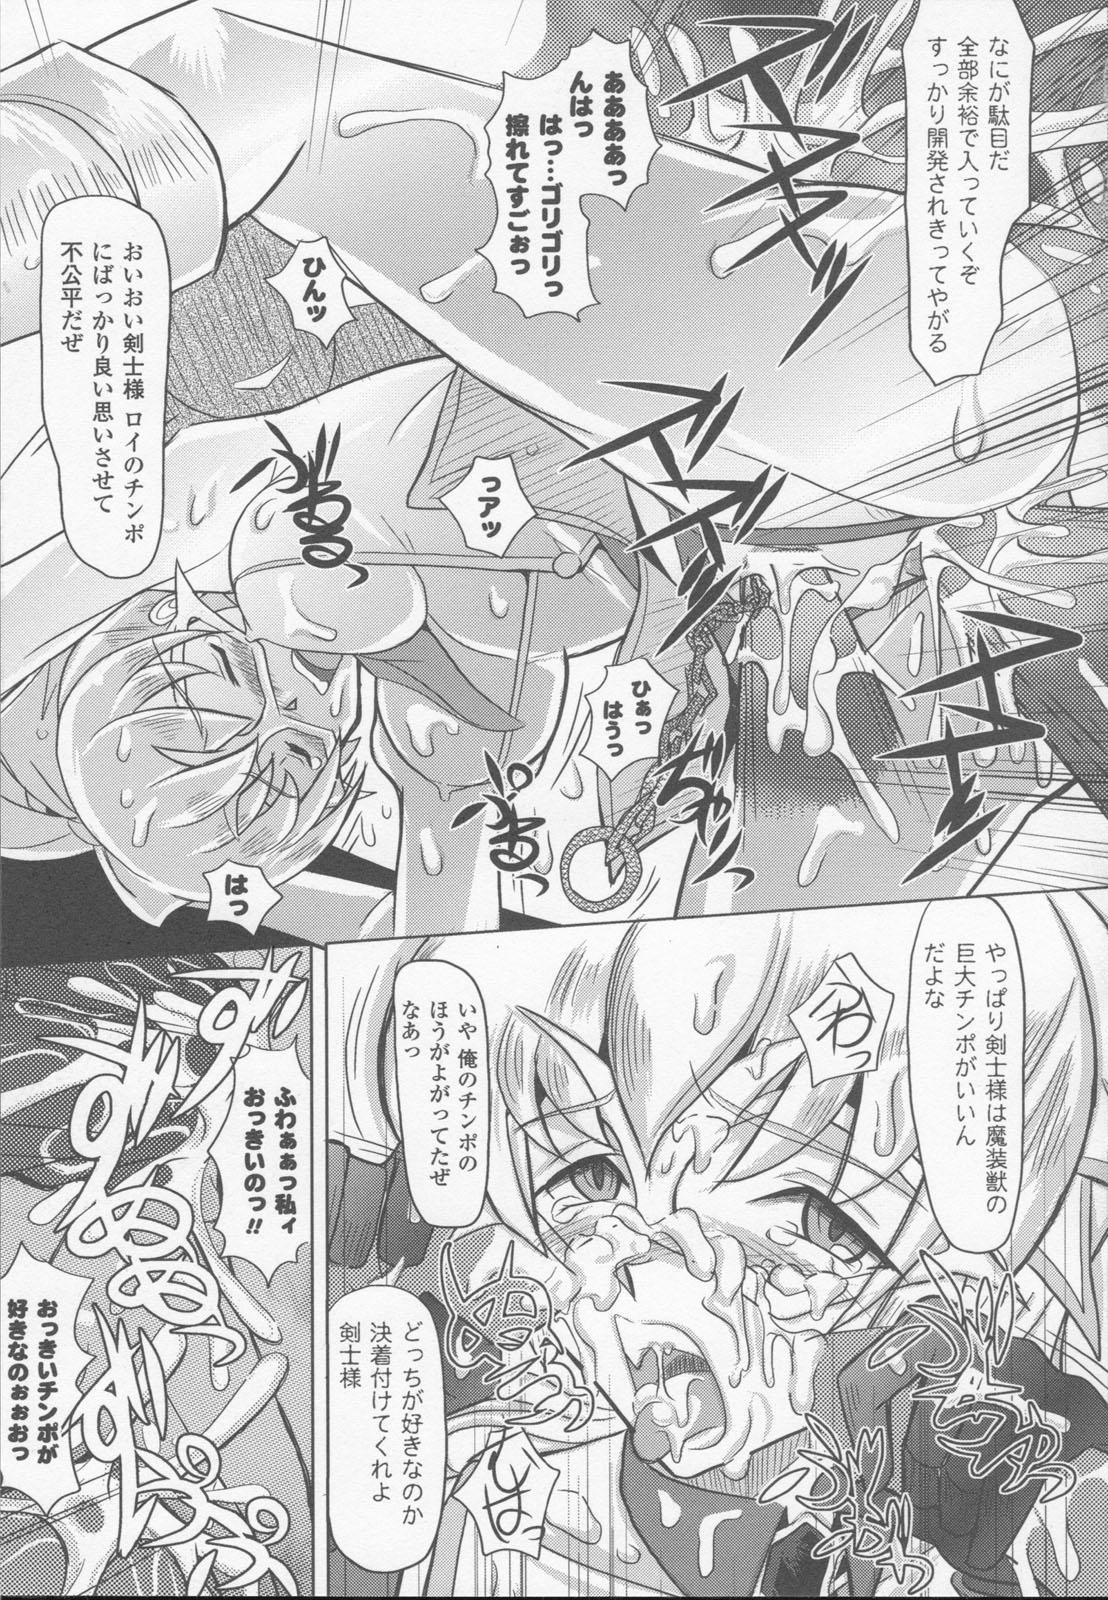 Shirayuri no Kenshi Anthology Comics 126